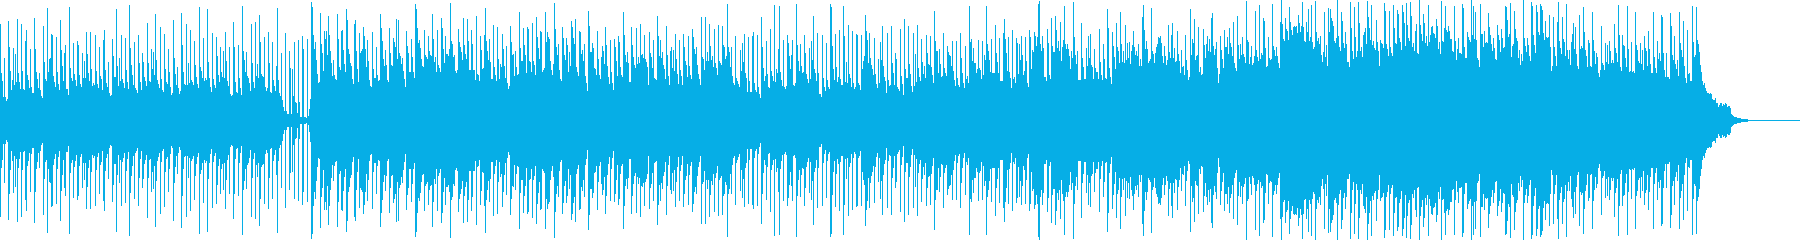 ストーリがある和風バラードの再生済みの波形